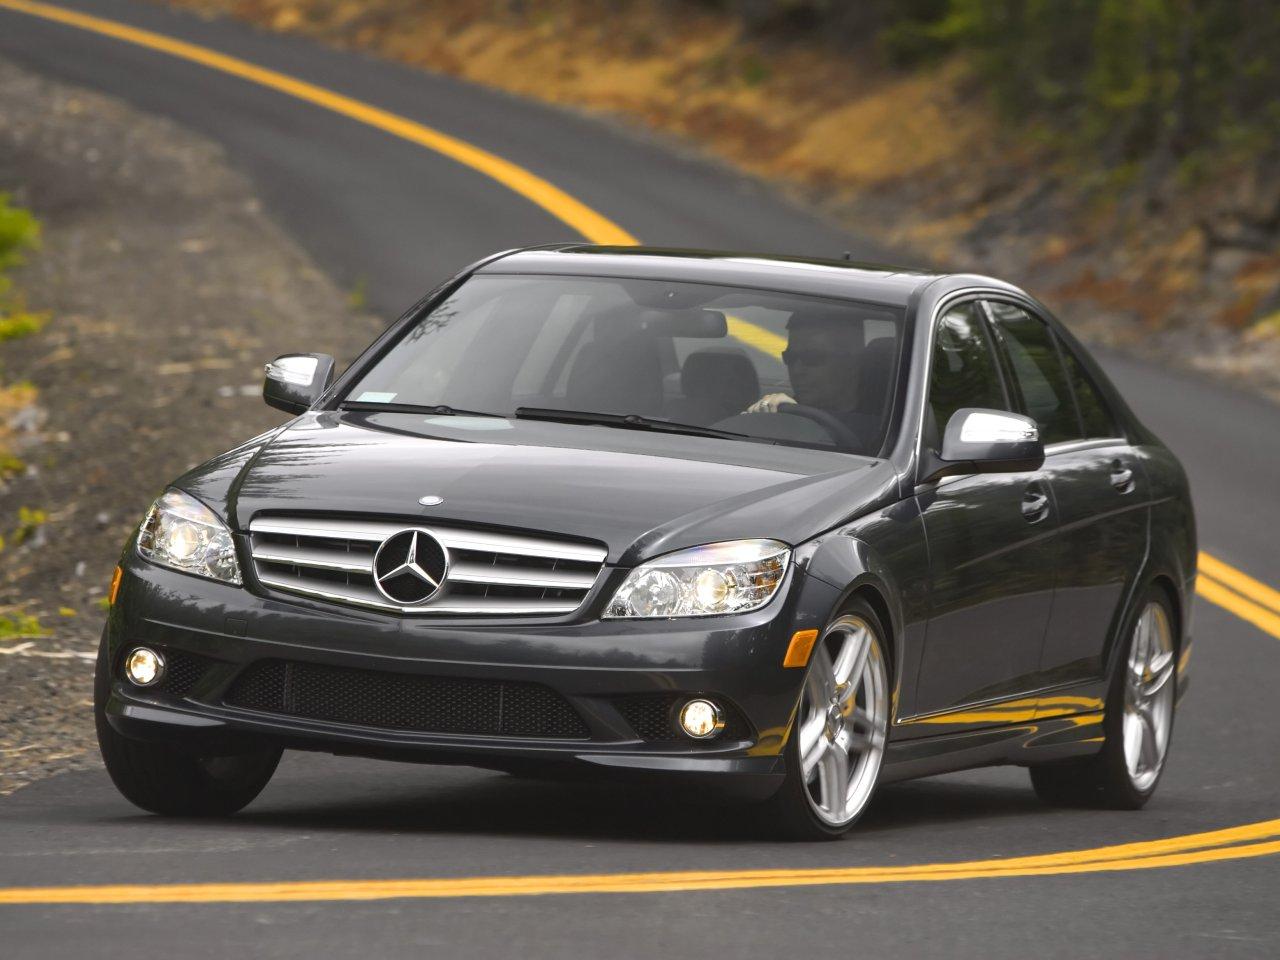 Mercedes-Benz C-Class concepts